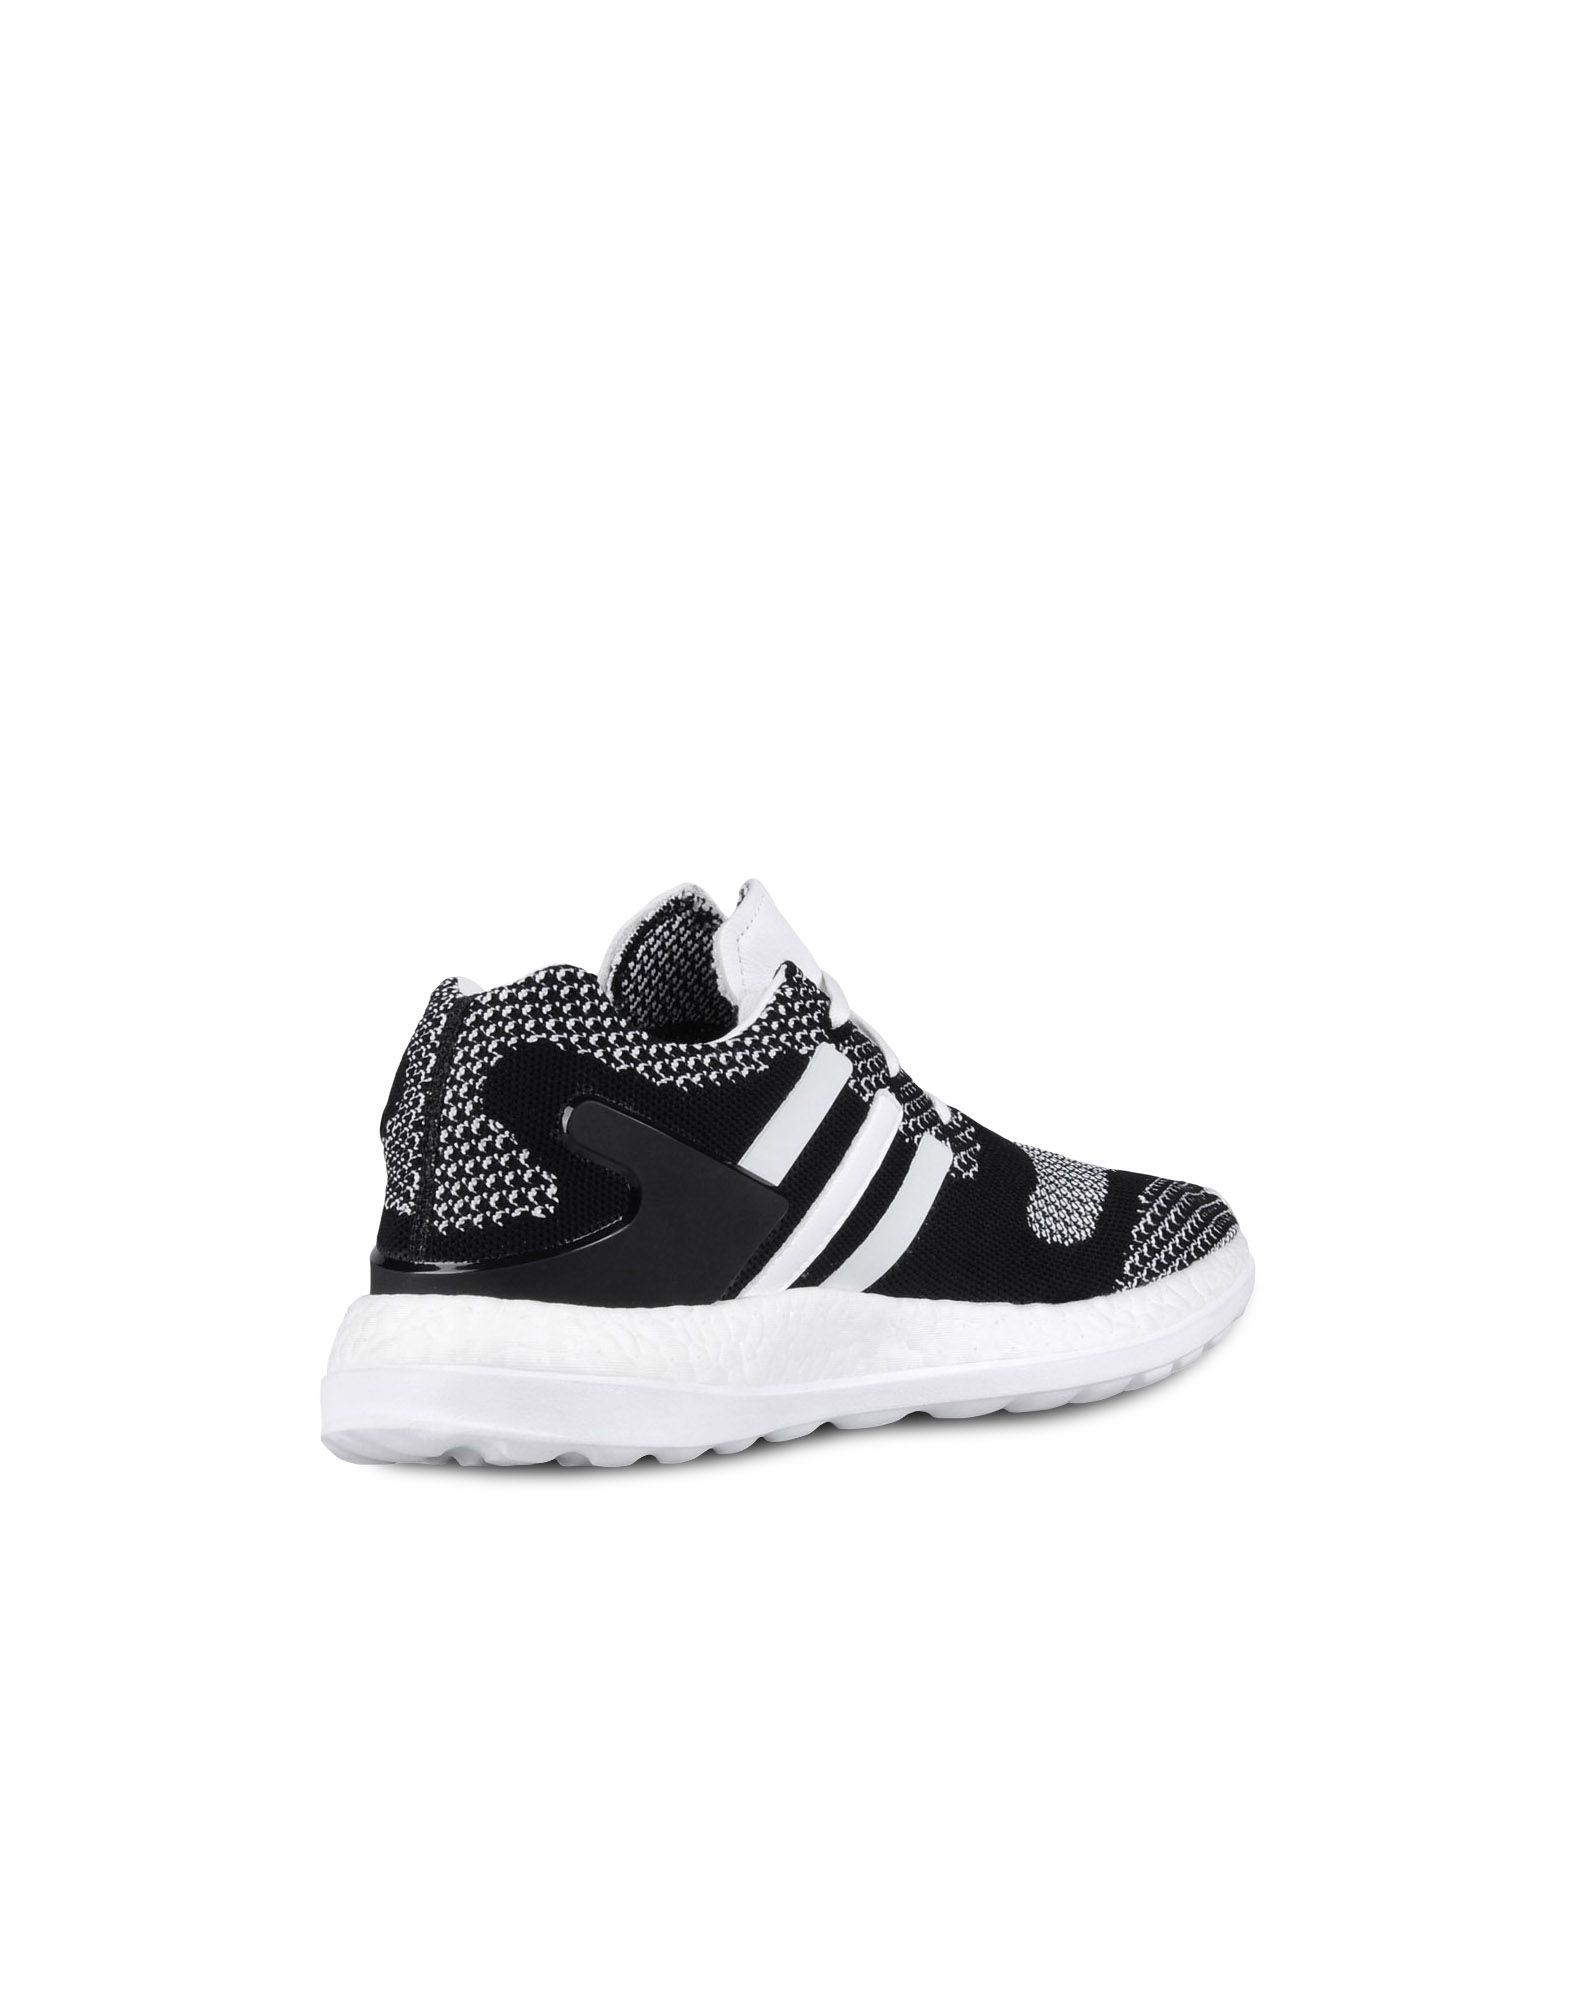 Adidas Y-3 Puro Impulso Primeknit Zg wmce4fiF